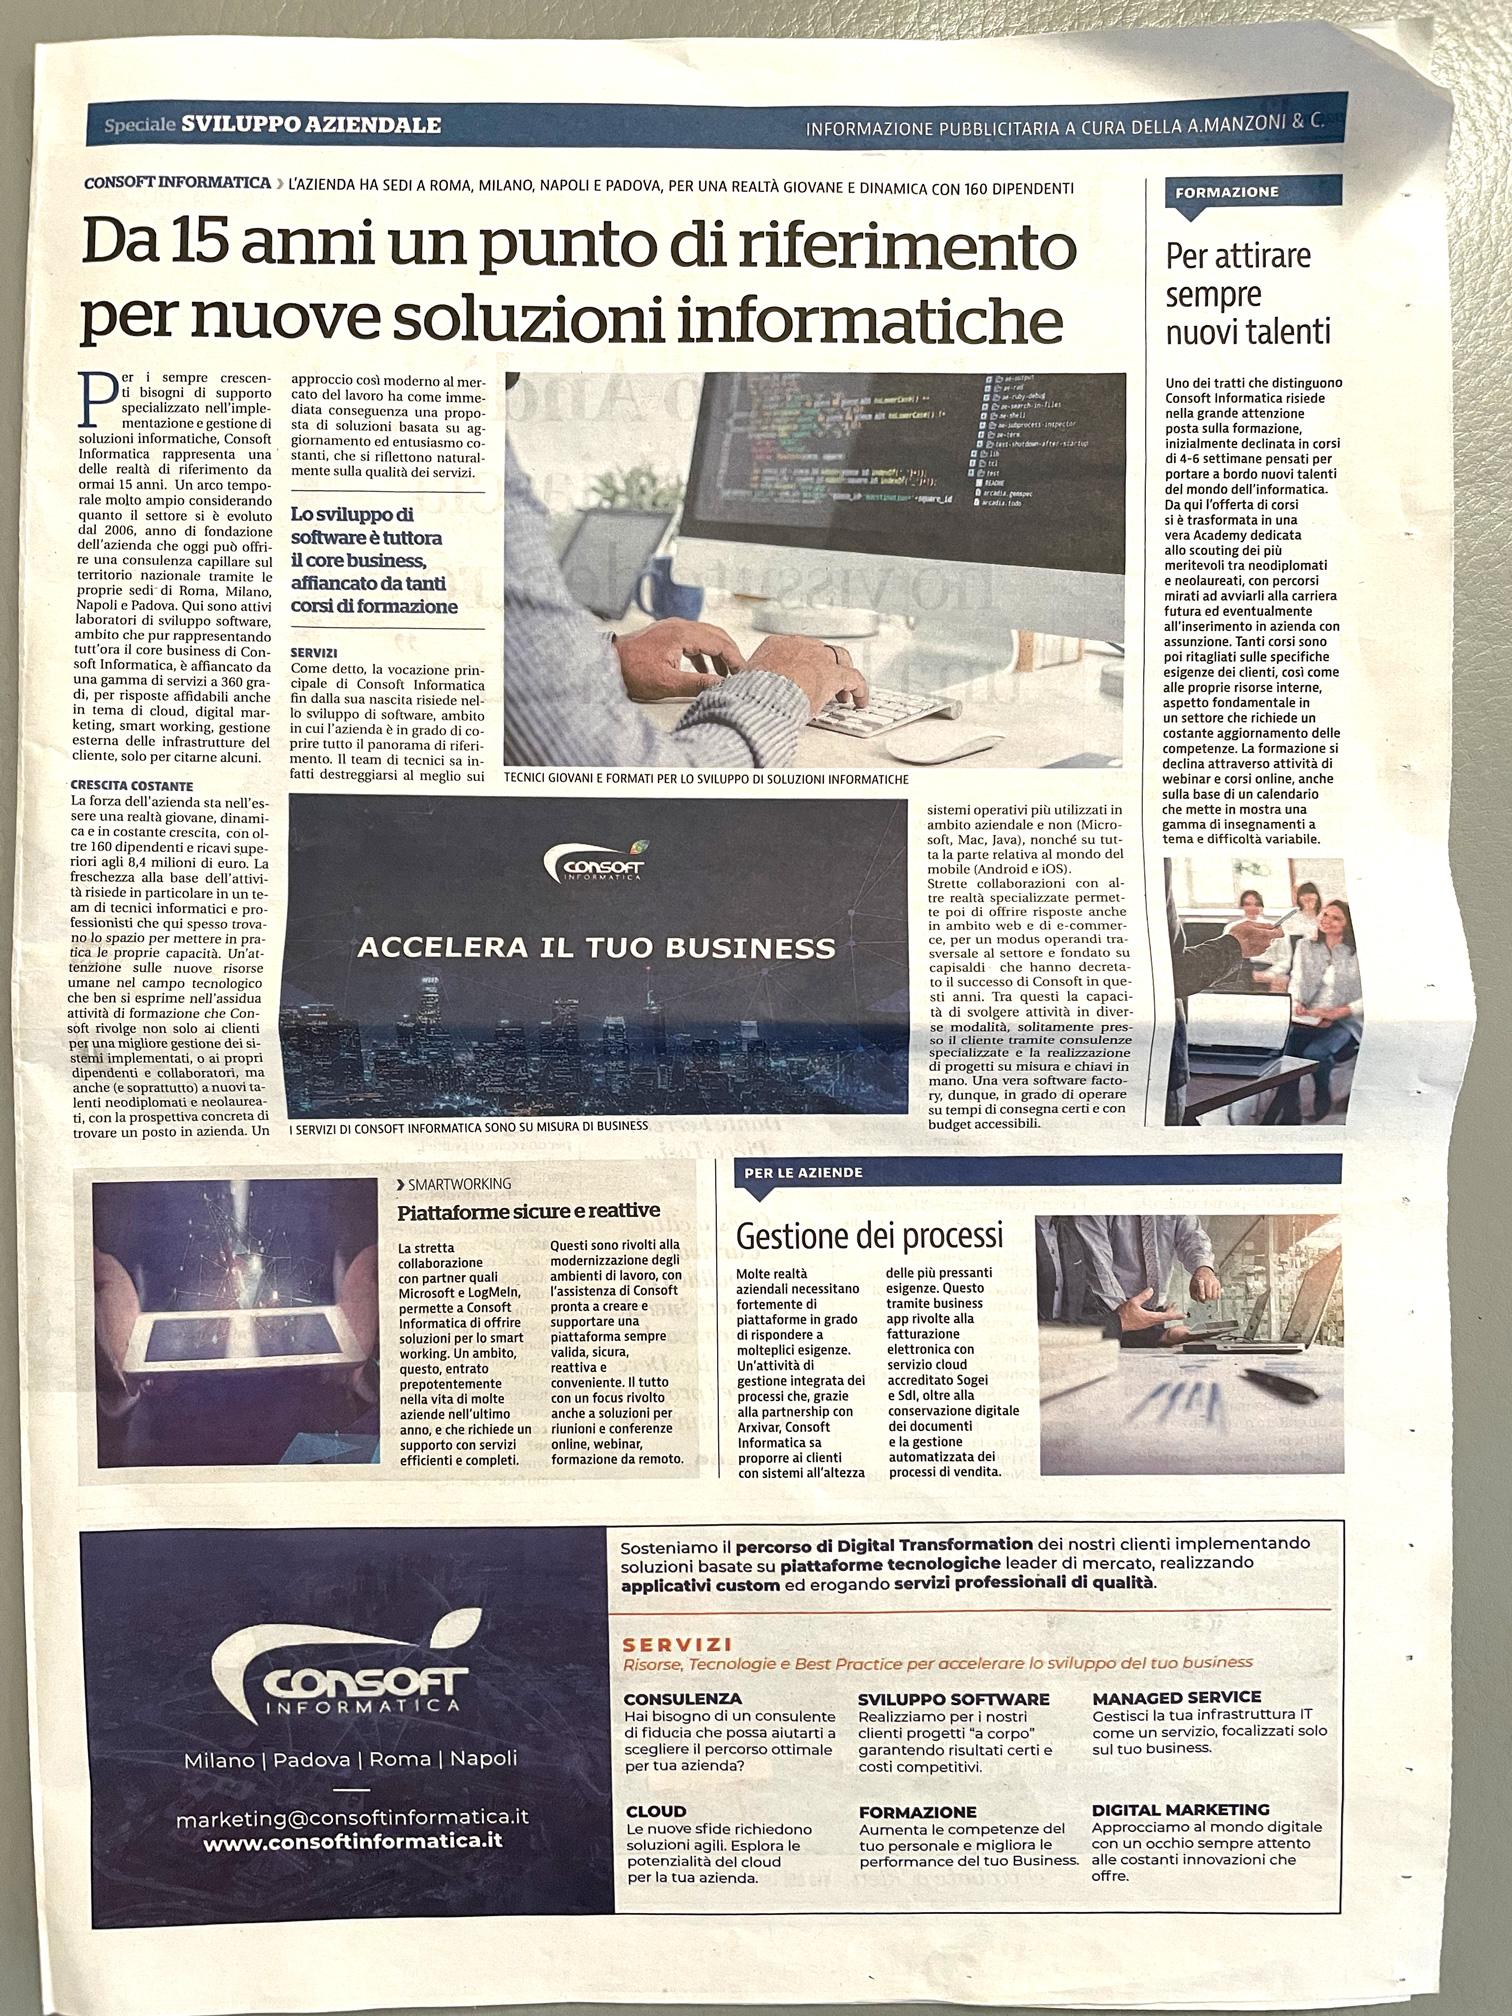 La Repubblica - articolo Consoft Informatica